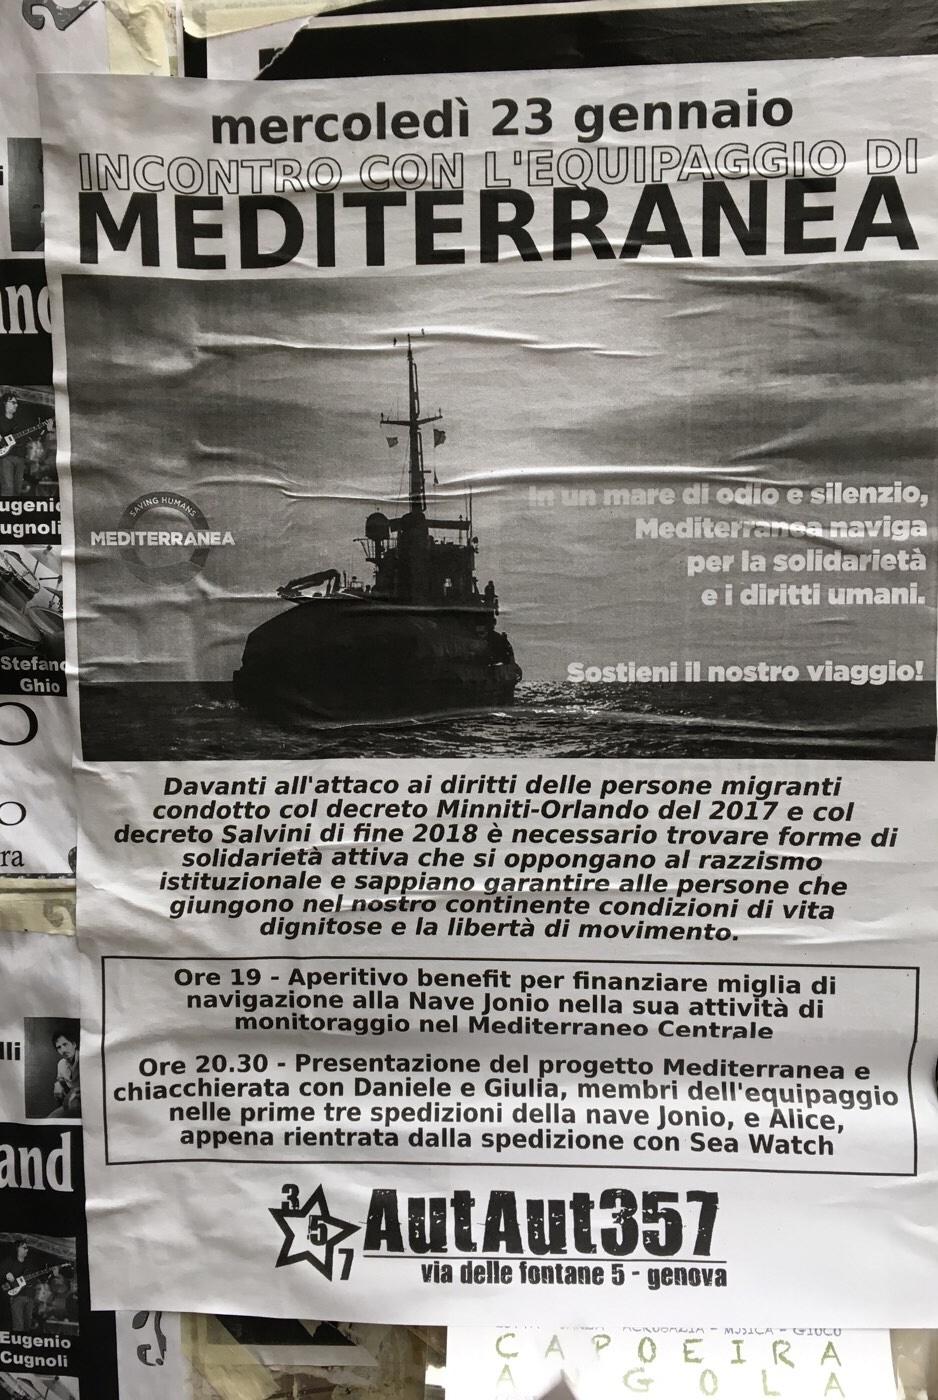 Incontro con l'Equipaggio di Mediterranea AutAut357 Via delle Fontane 5, 16123 Genova Dal 23/01/2019 Al 23/01/2019 19:00 - 22:00